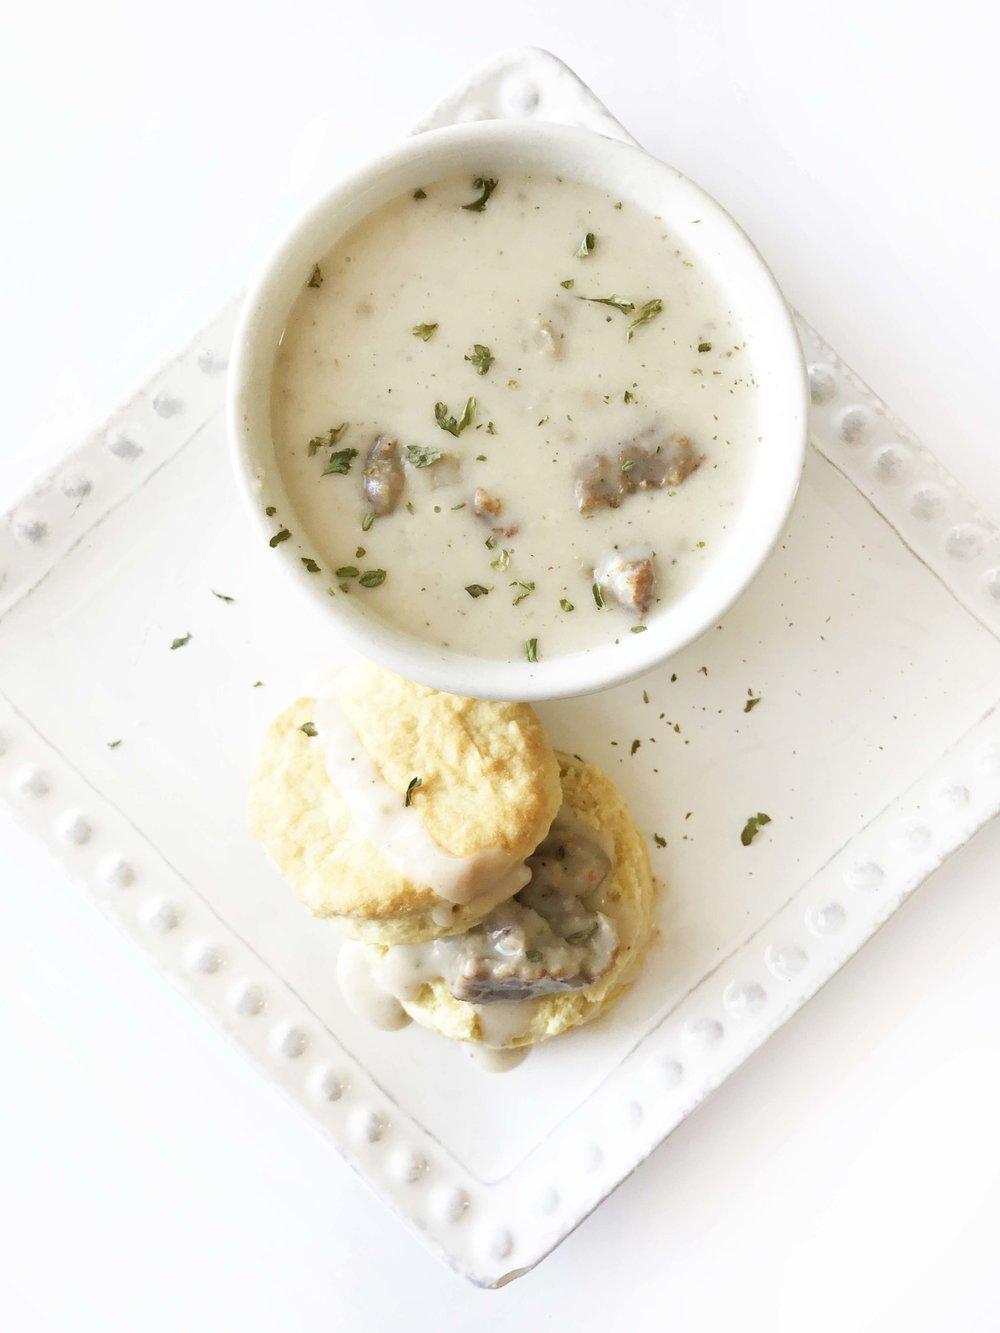 vegan-biscuits-gravy18.jpg